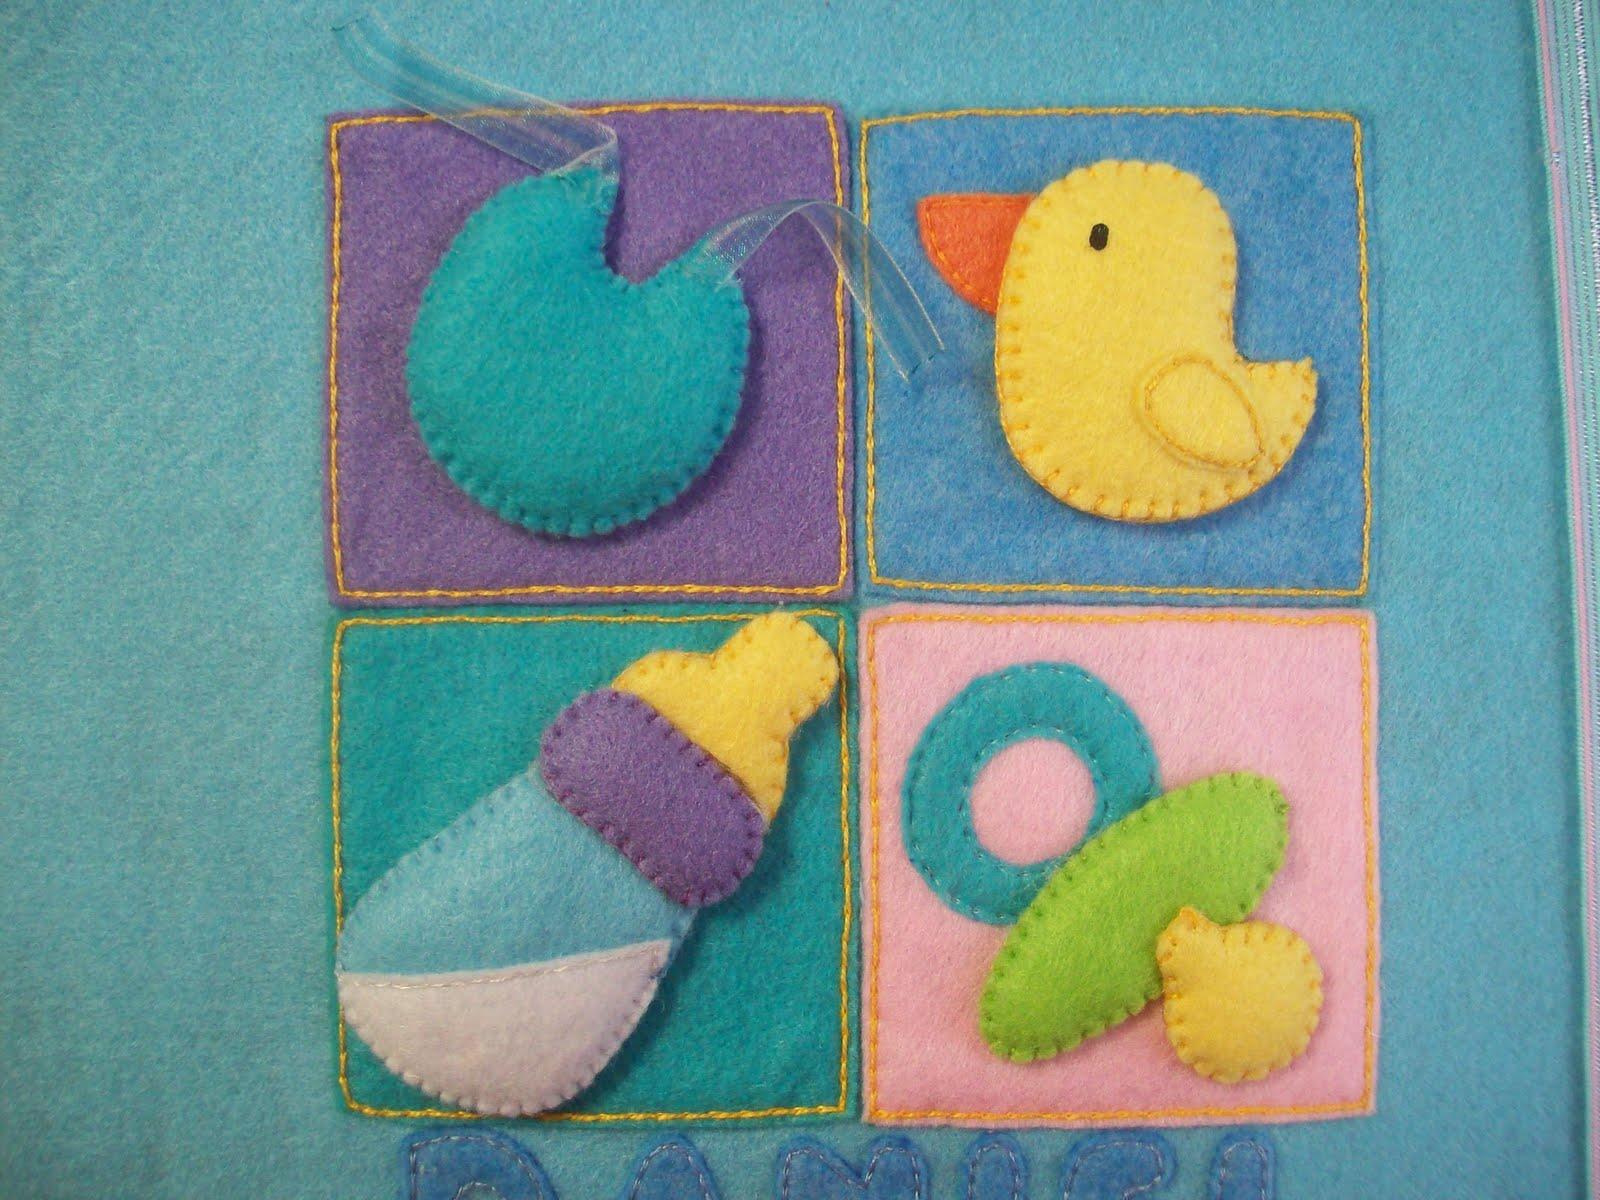 Shexeldetallitos blog de manualidades album de fotos para - Blog de manualidades y decoracion ...